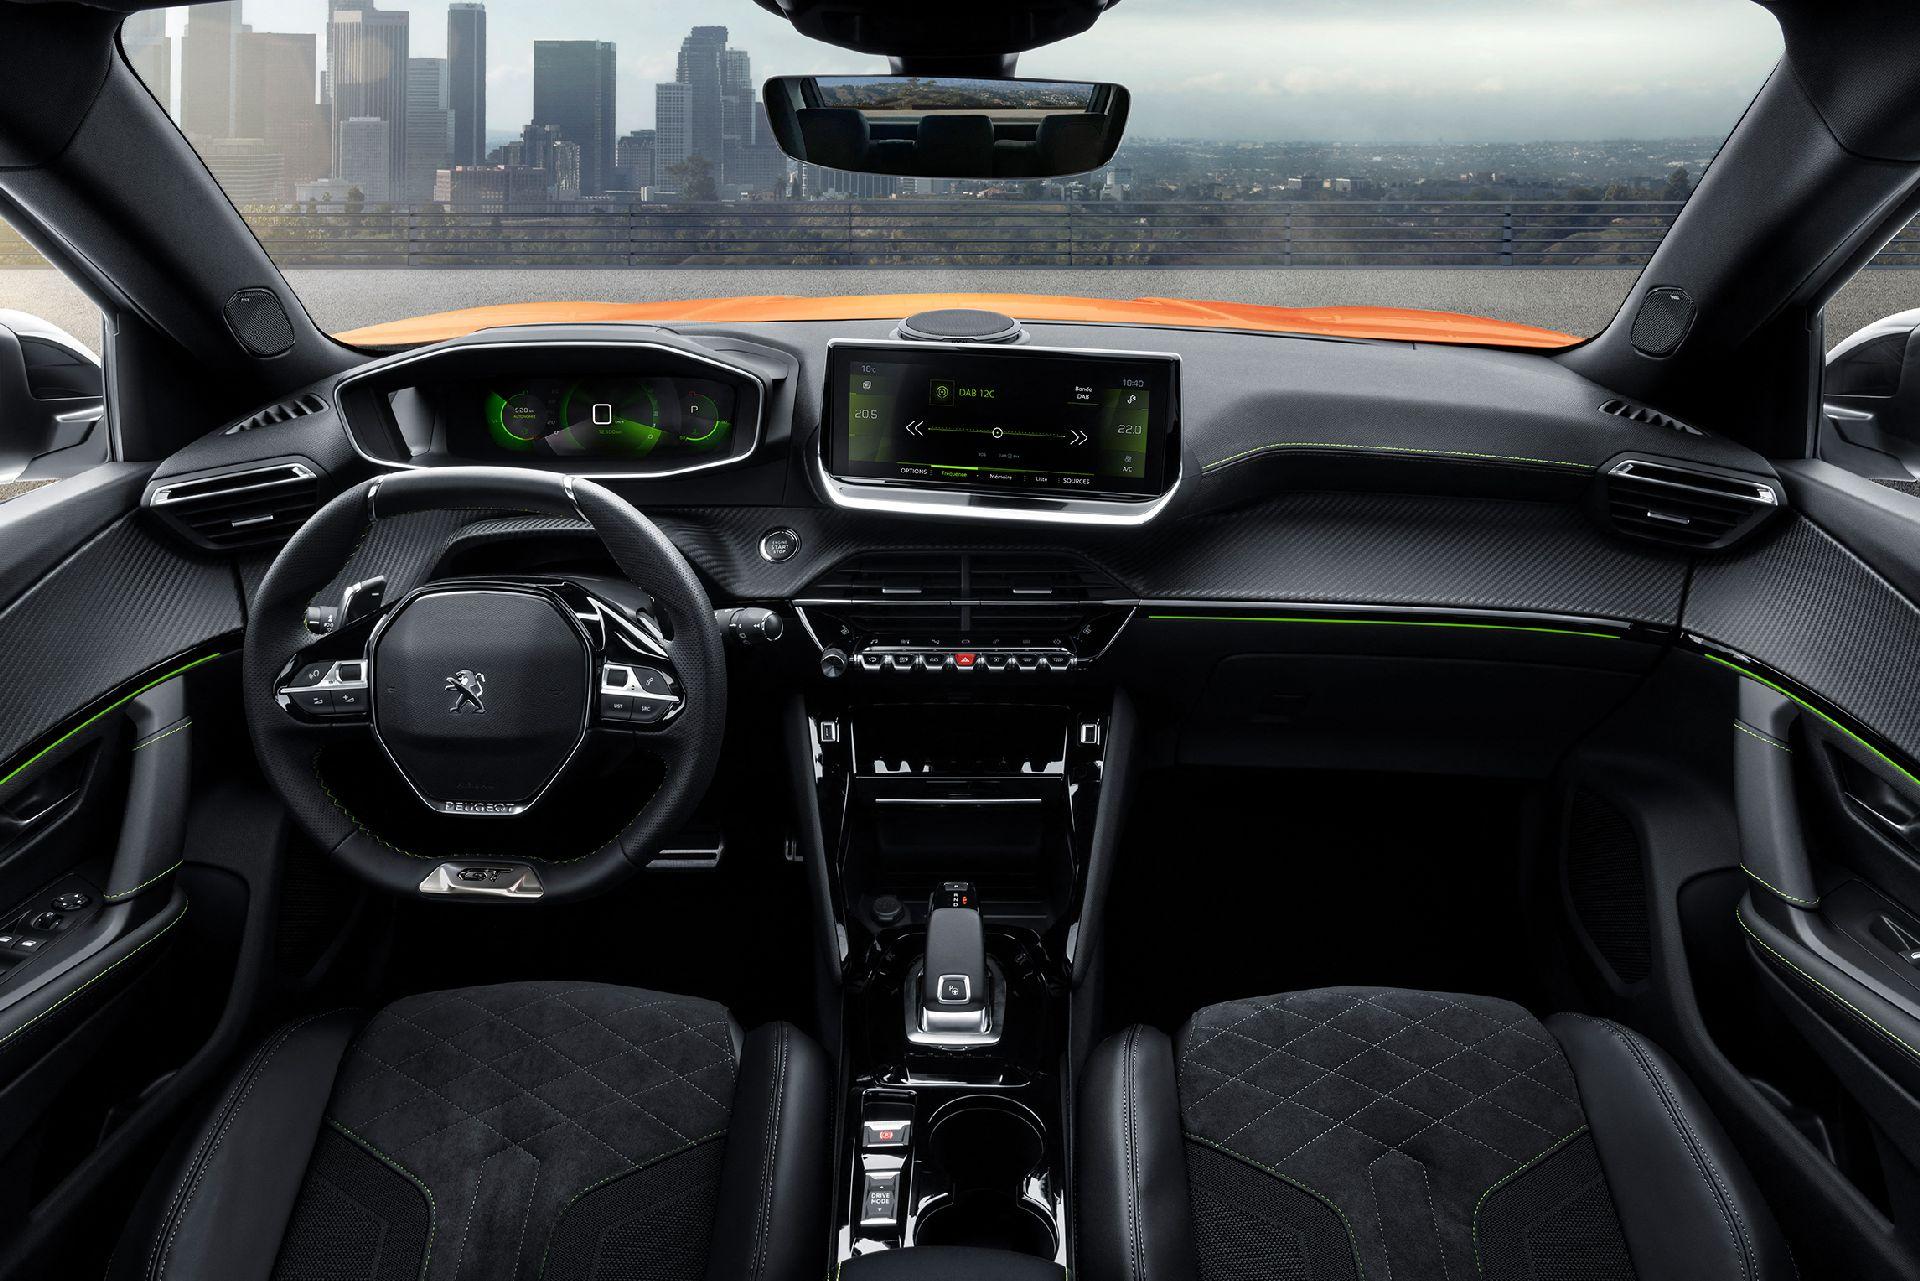 Peugeot giới thiệu thế hệ mới 2008 có thêm phiên bản chạy hoàn toàn bằng điện - 17